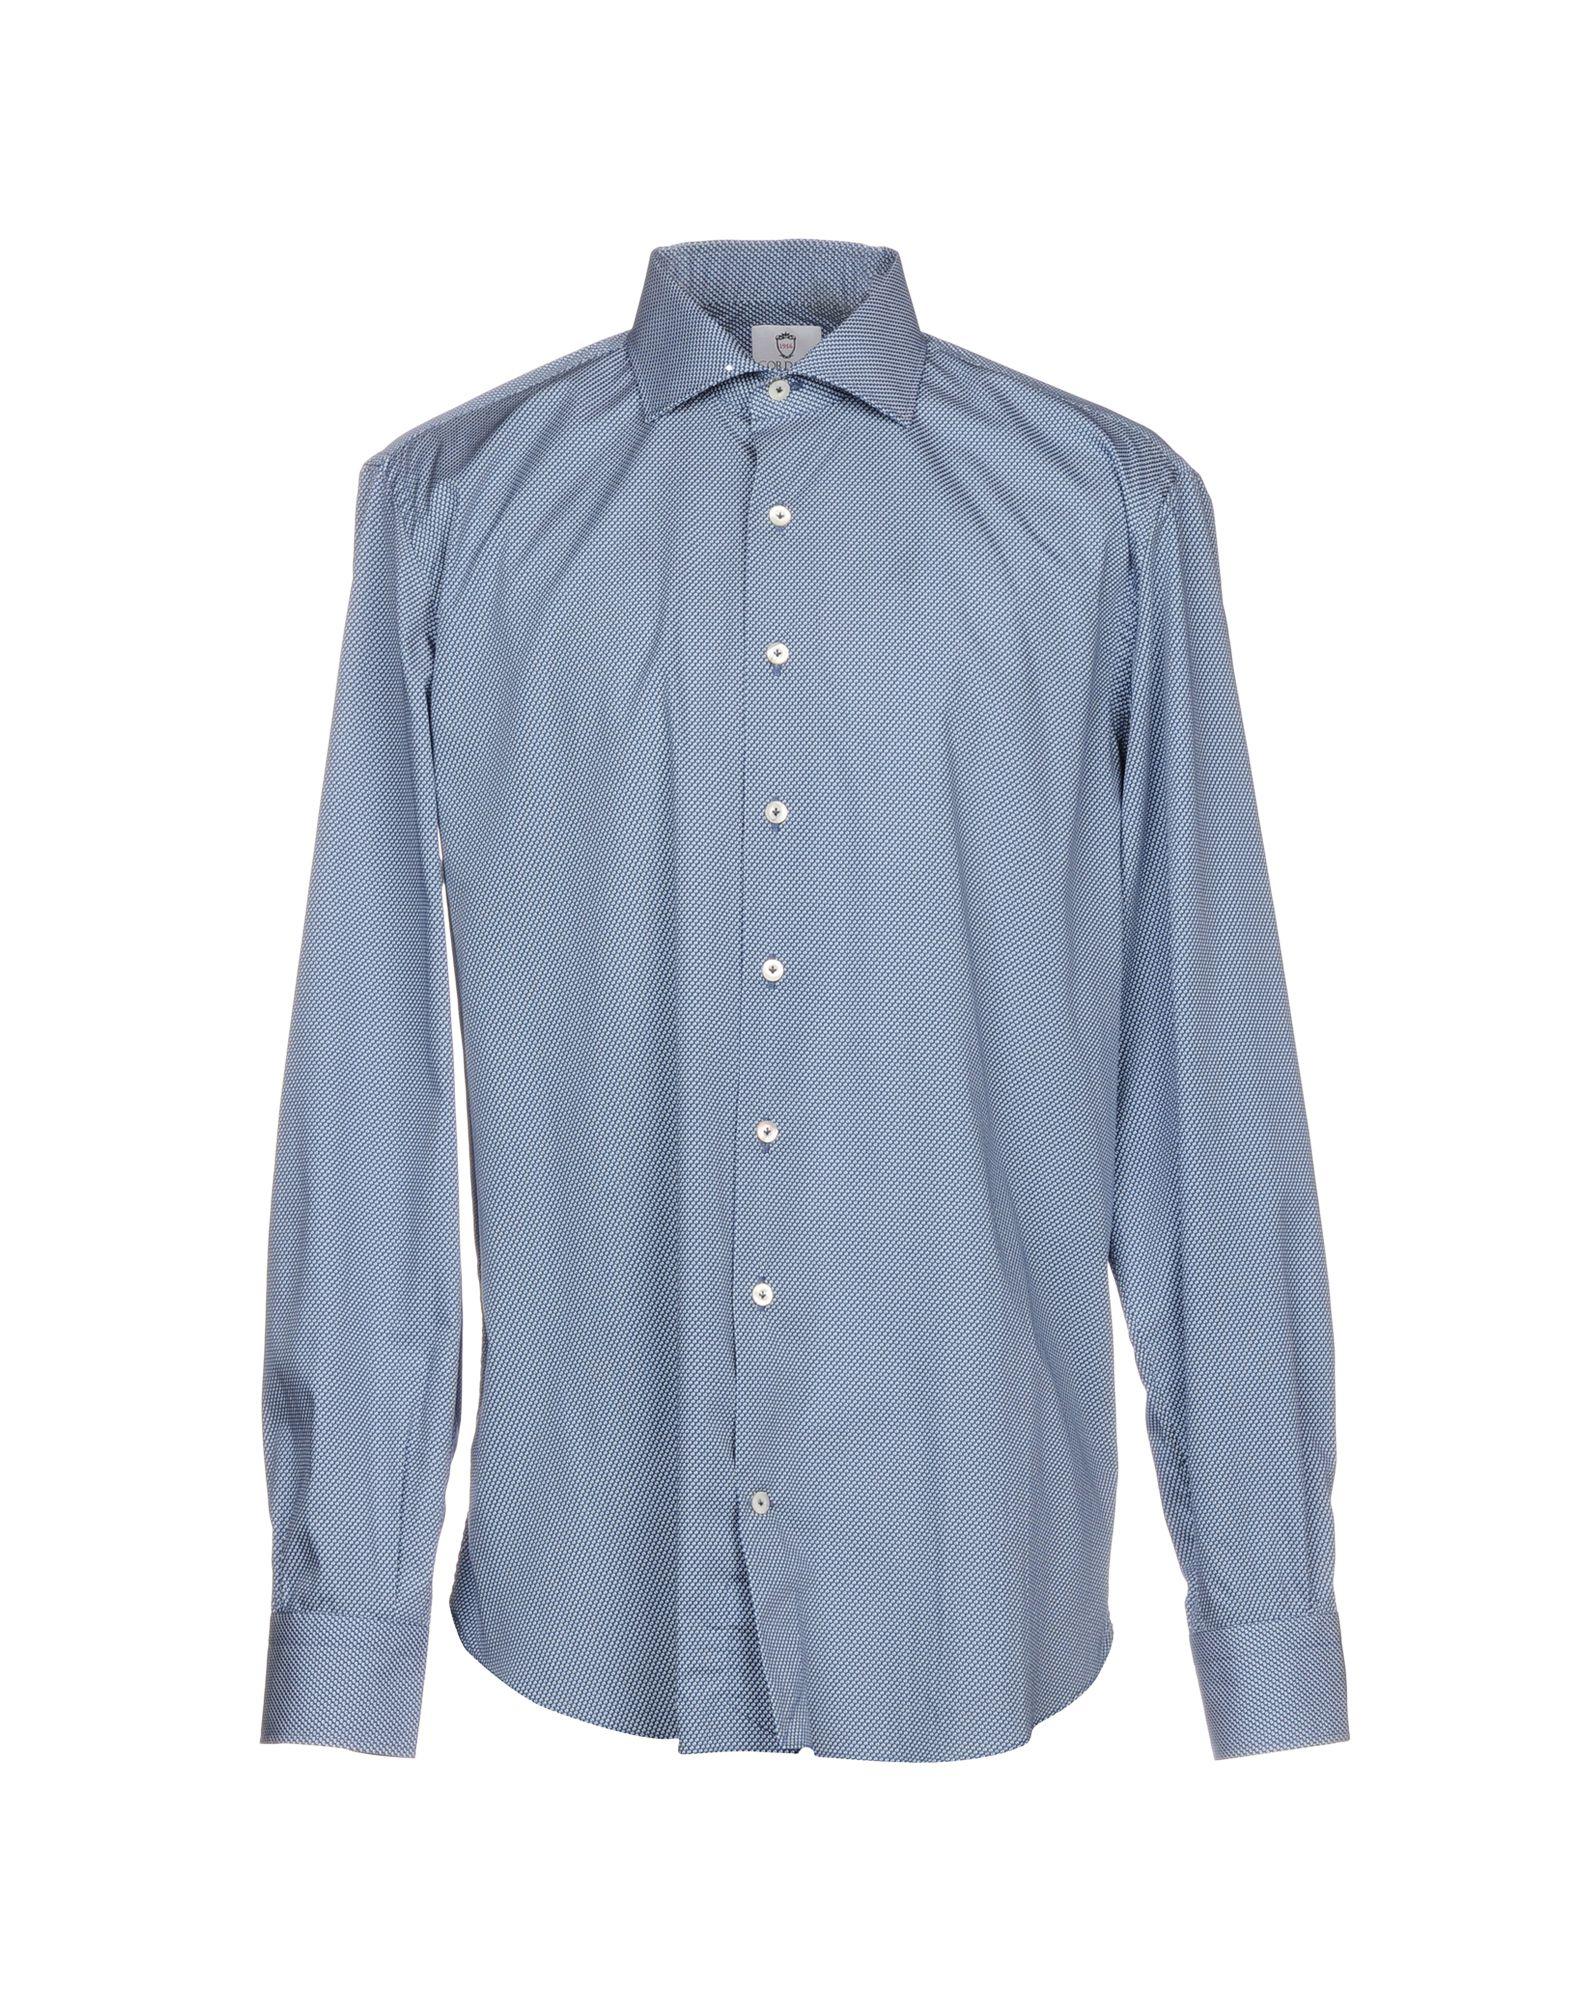 Camicia Fantasia Cordone 38725889PM 1956 Uomo - 38725889PM Cordone 4a0e1b